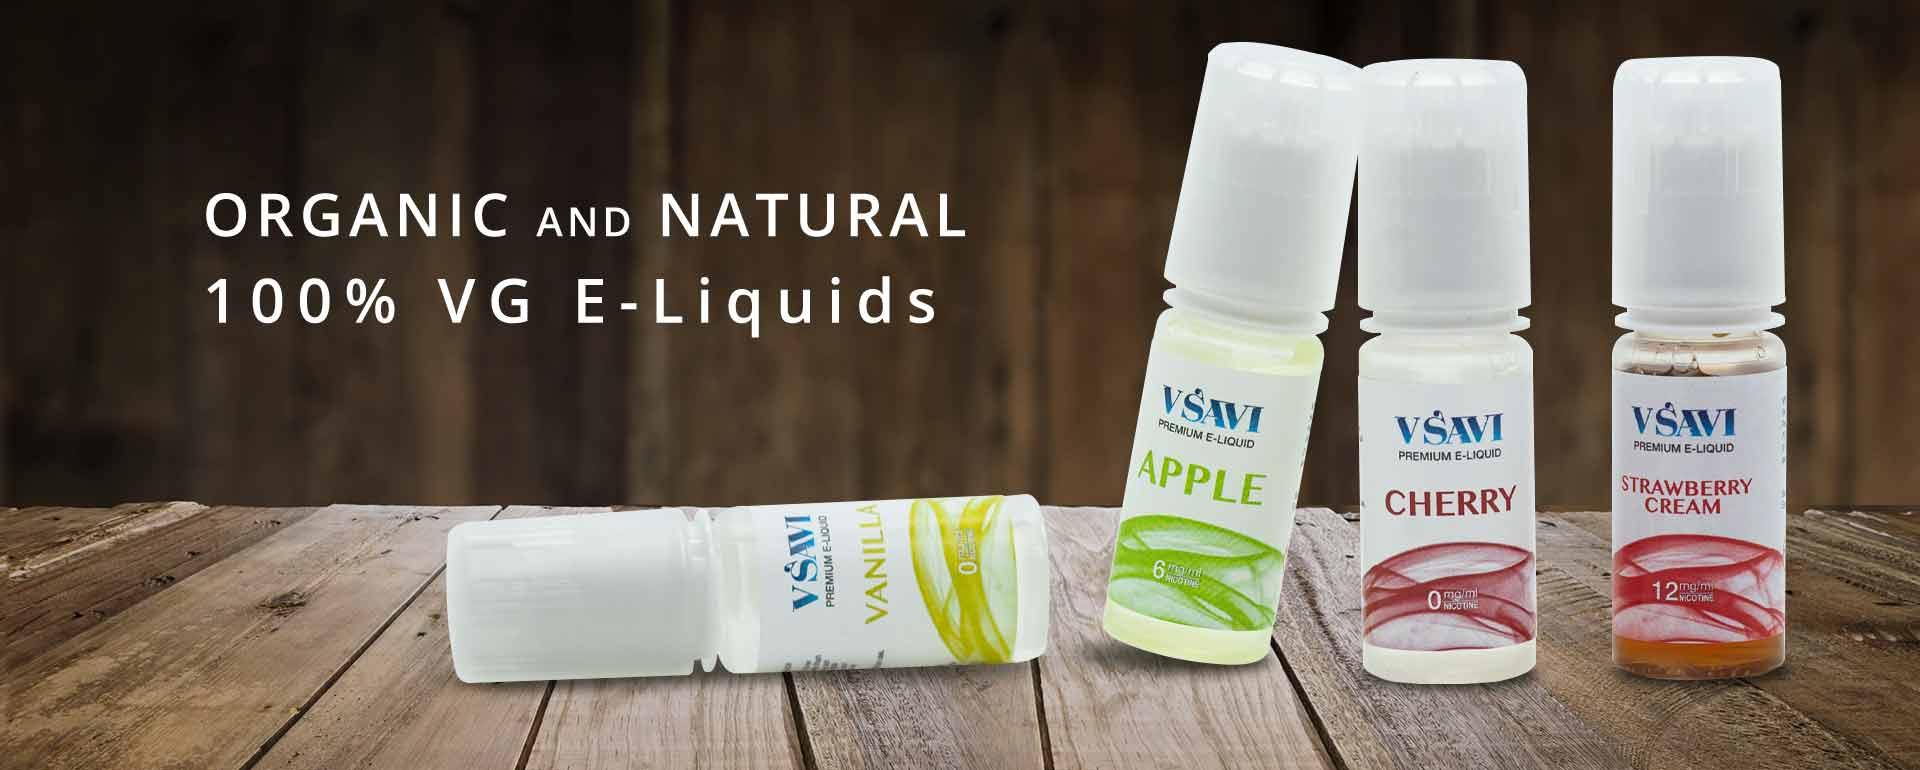 VSAVI 100% VG E-Liquids